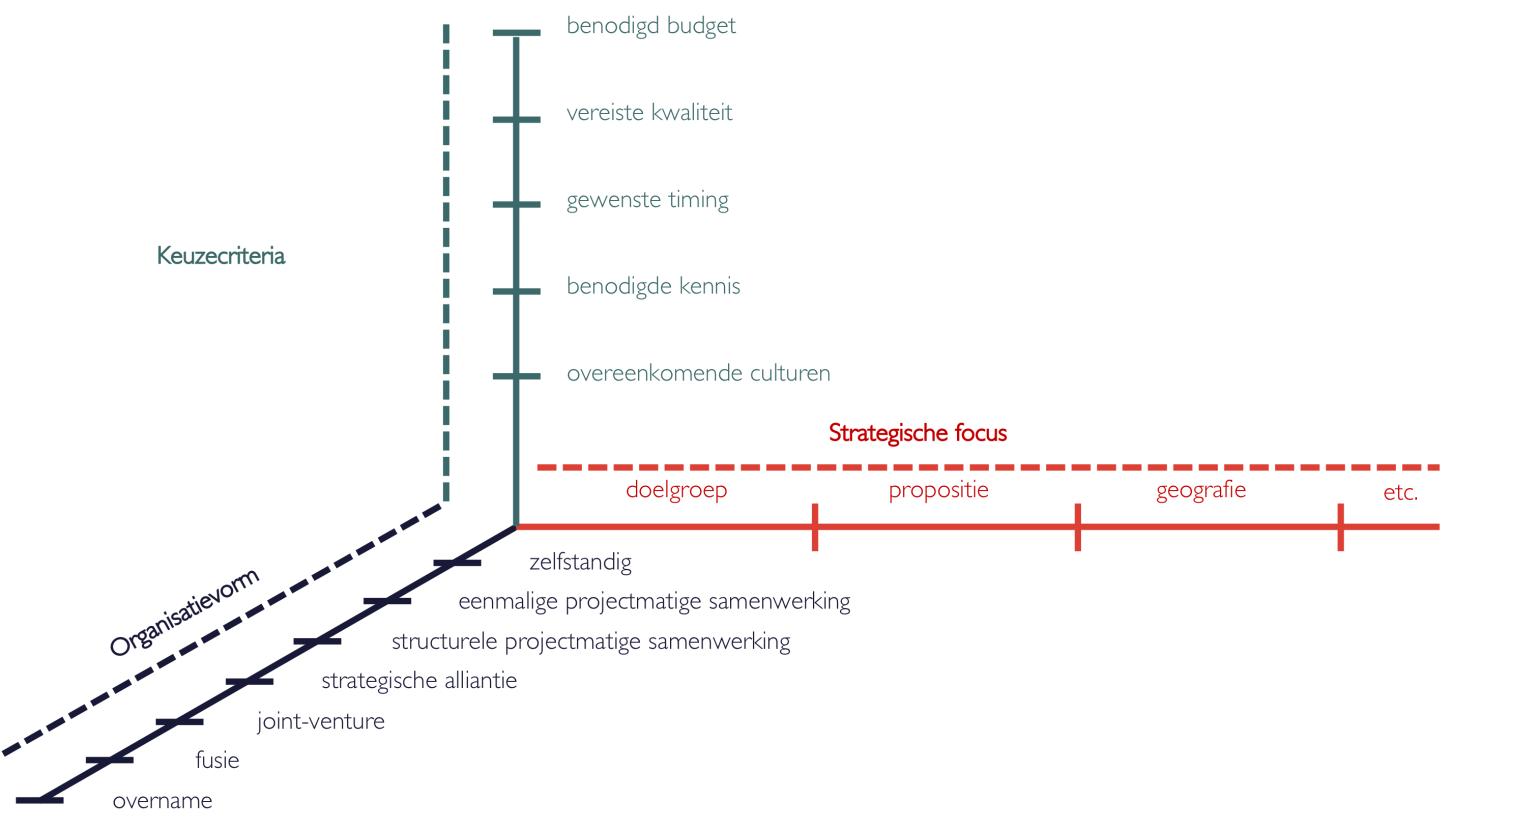 Keuzecriteria, strategische focus en organisatievorm